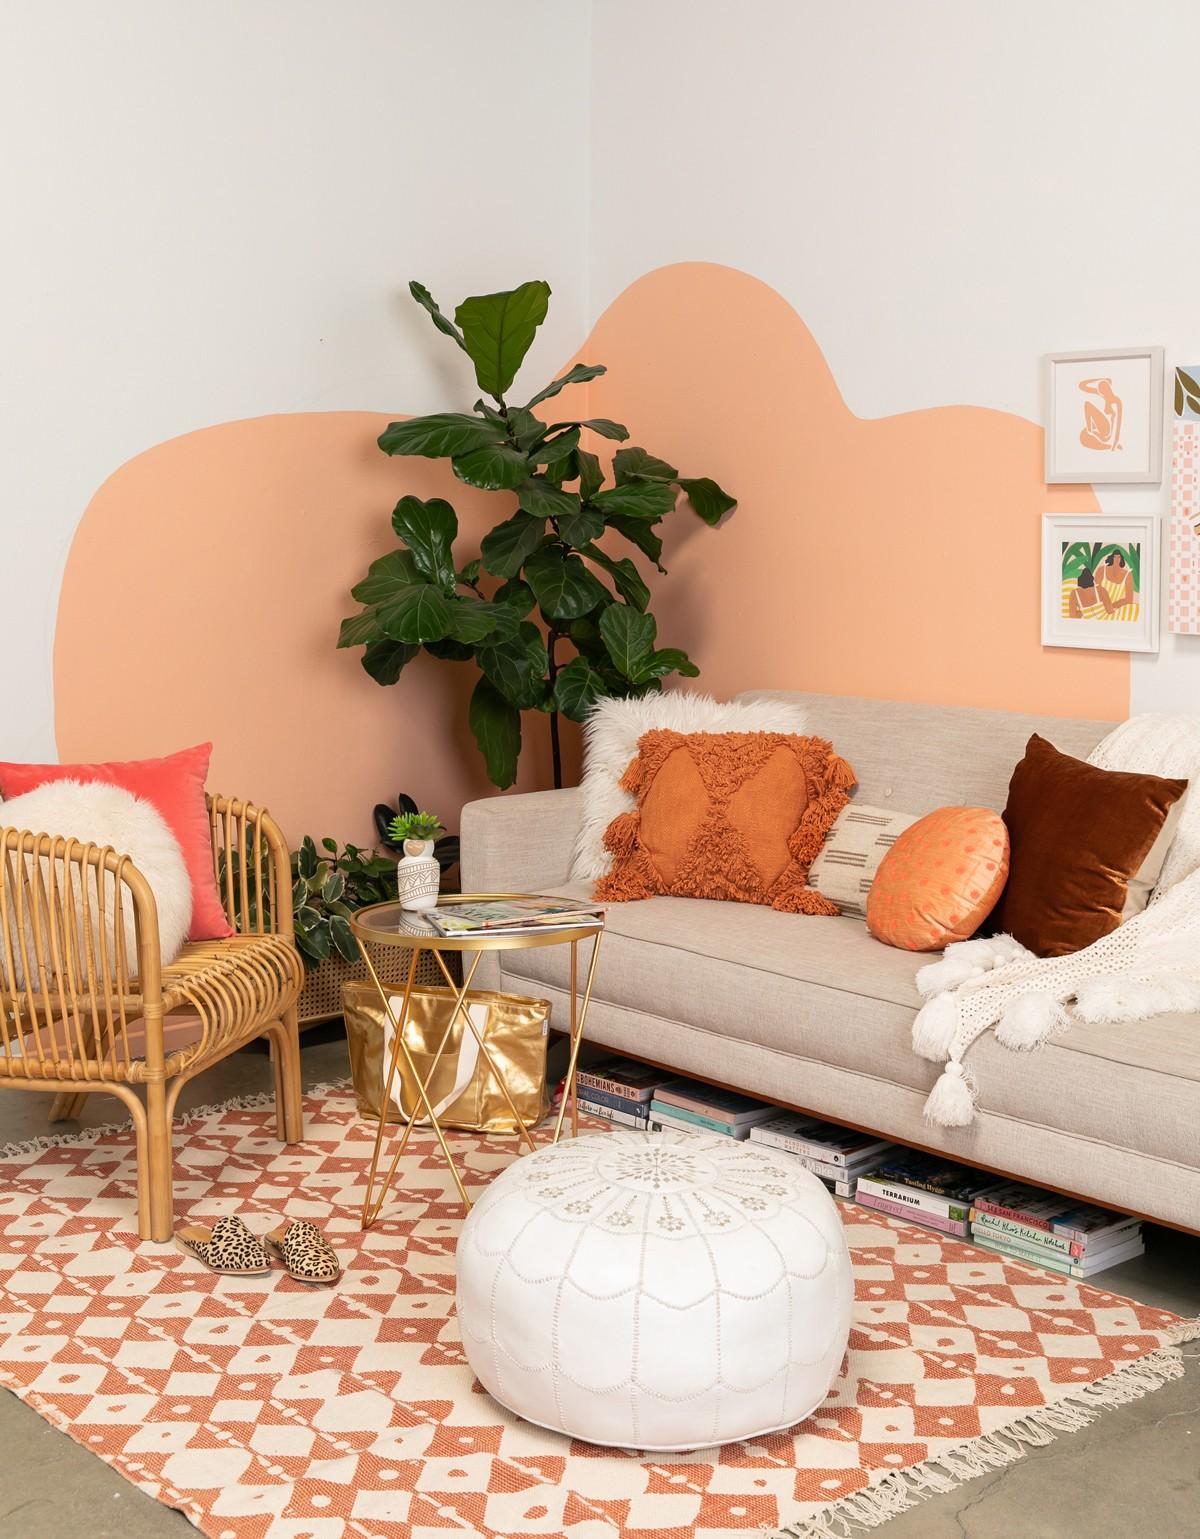 Pintura orgânica: conheça a tendência  que transforma as paredes dos lares! (Foto: Reprodução/Pinterest)